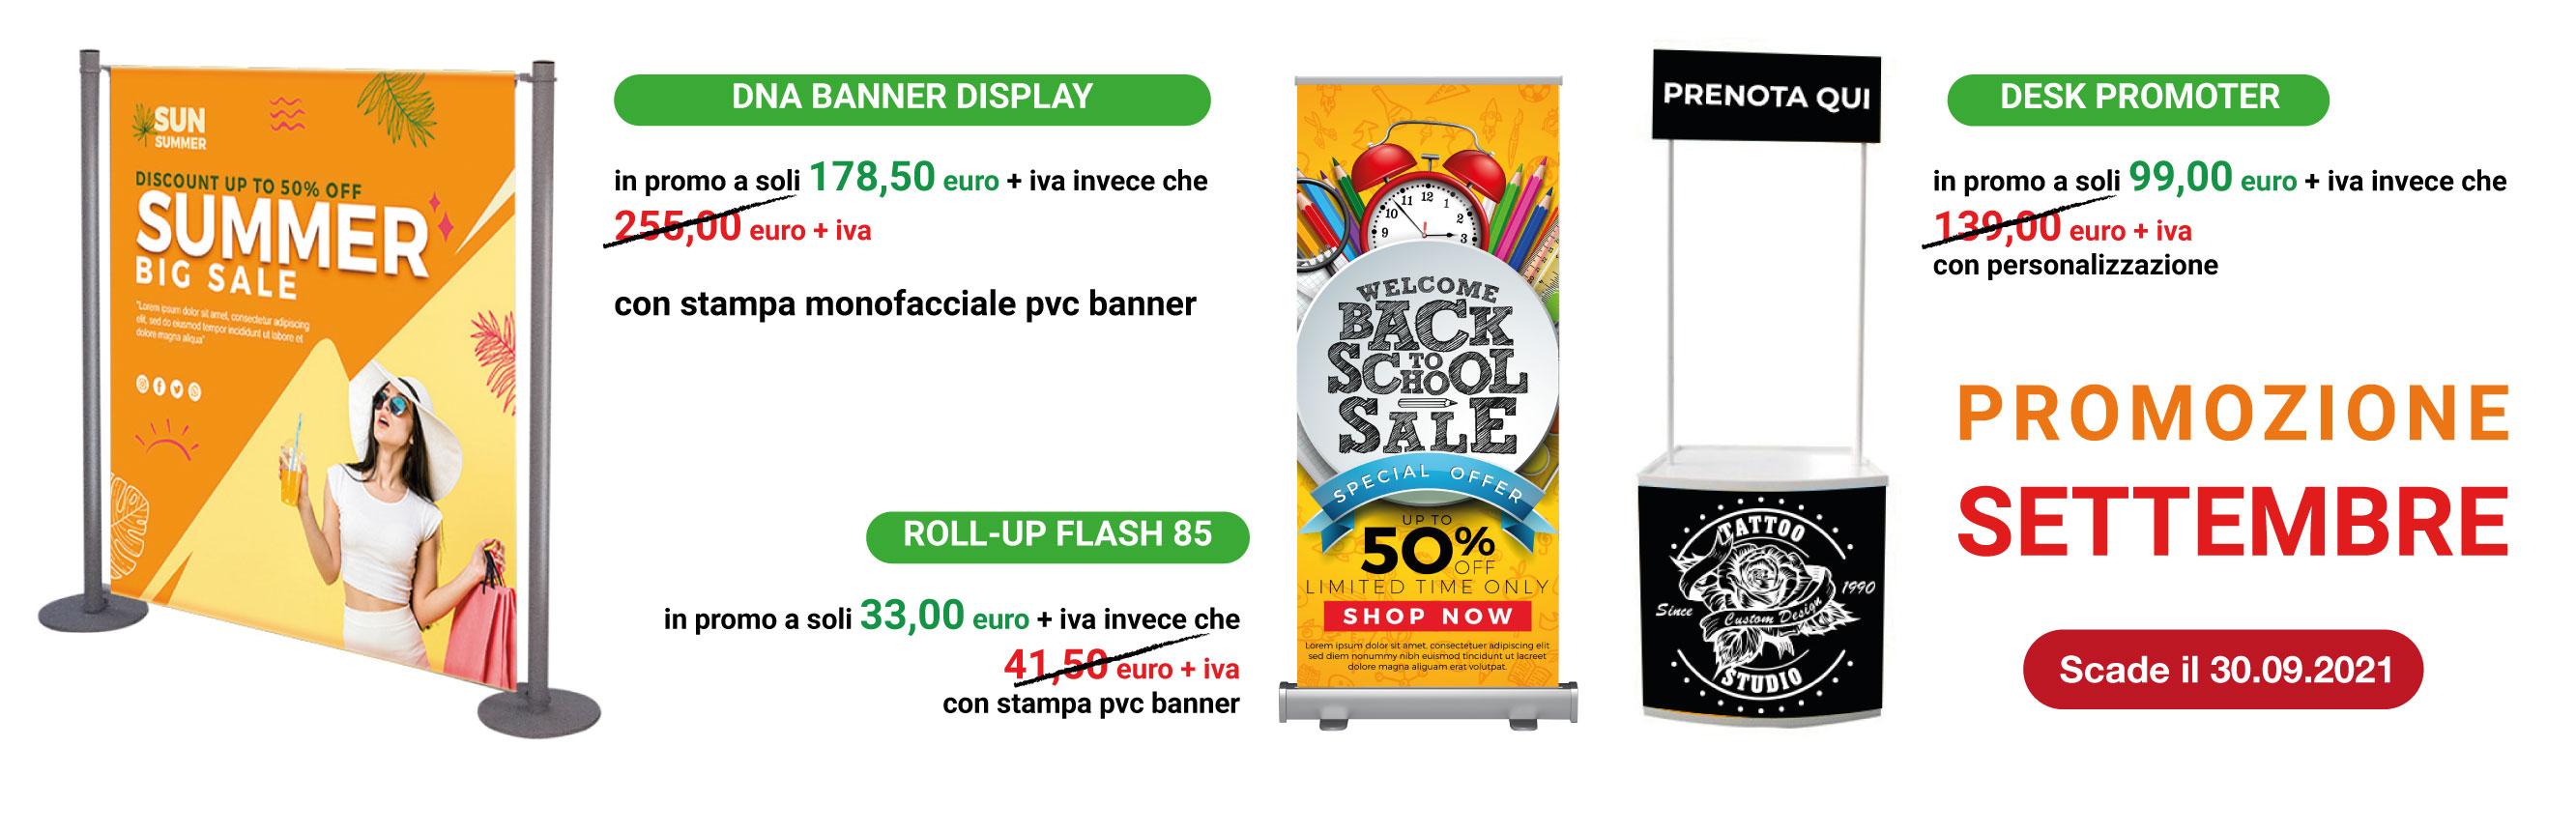 banner display e desk promoter in promozione